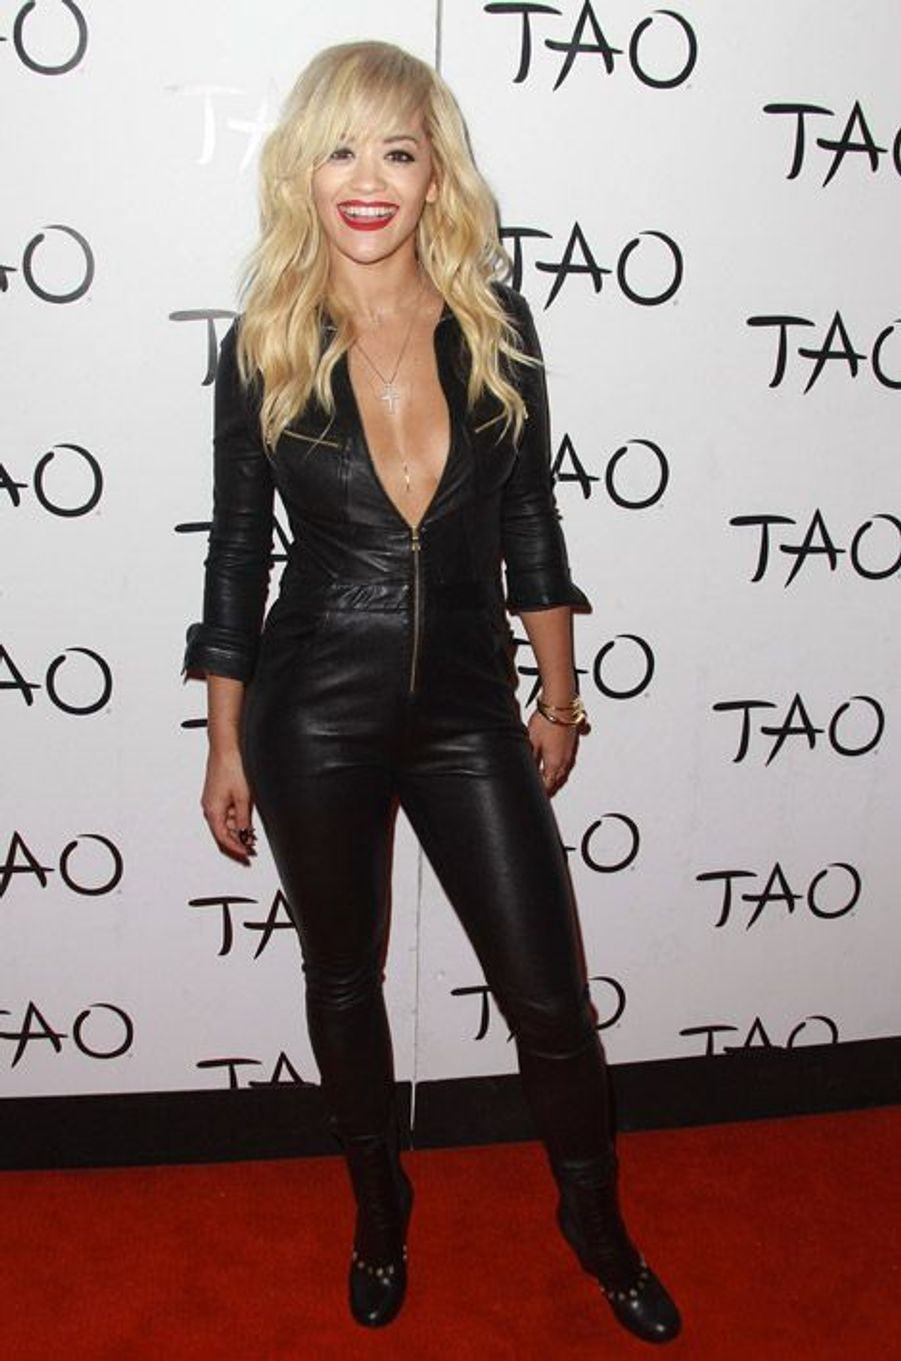 La chanteuse Rita Ora tout en cuir pour une soirée à Las Vegas, le 27 juillet 2014